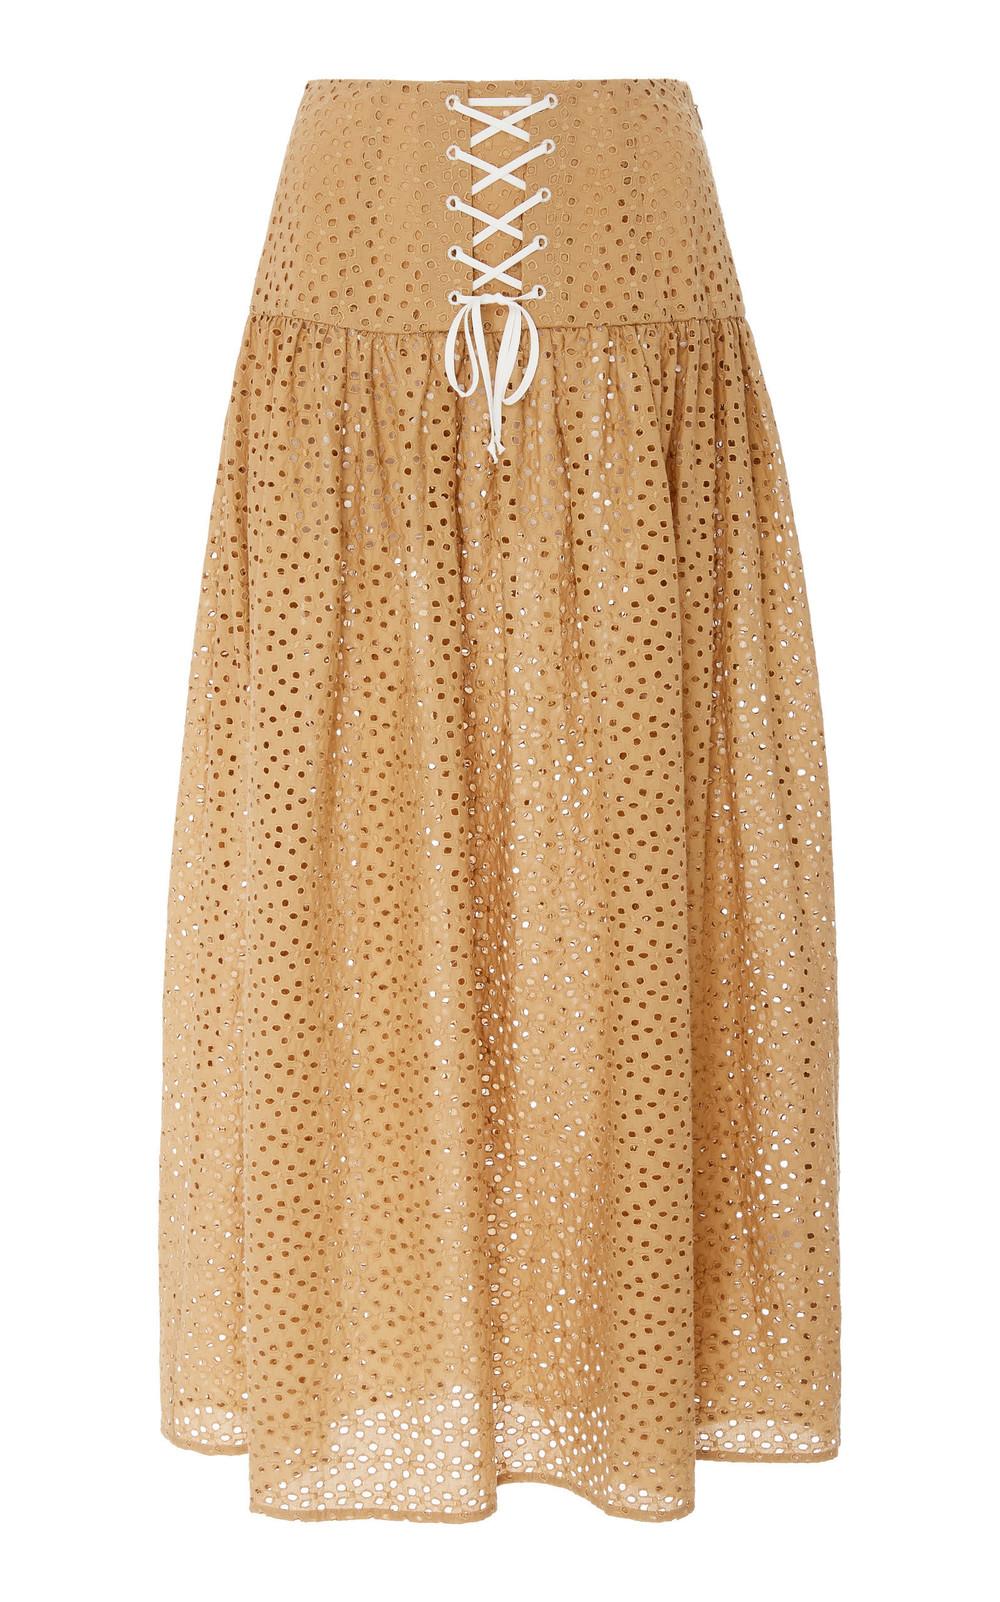 Marysia Swim Riviera Cotton-Eyelet Maxi Skirt in brown